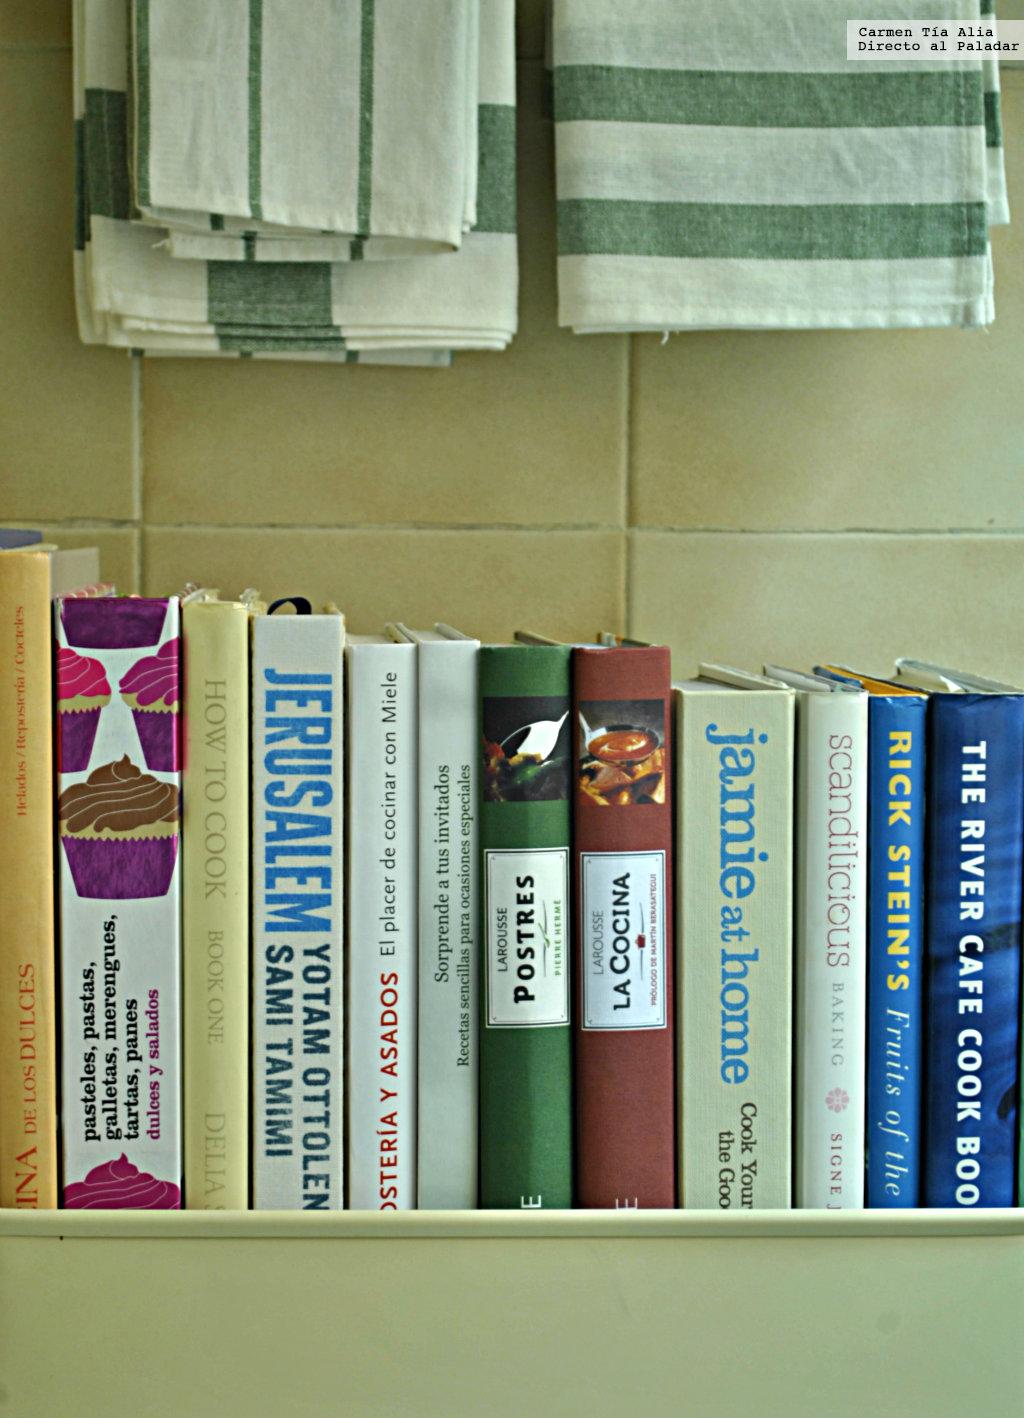 Libros de cocina estos son los indispensables de los - Libros de cocina ...